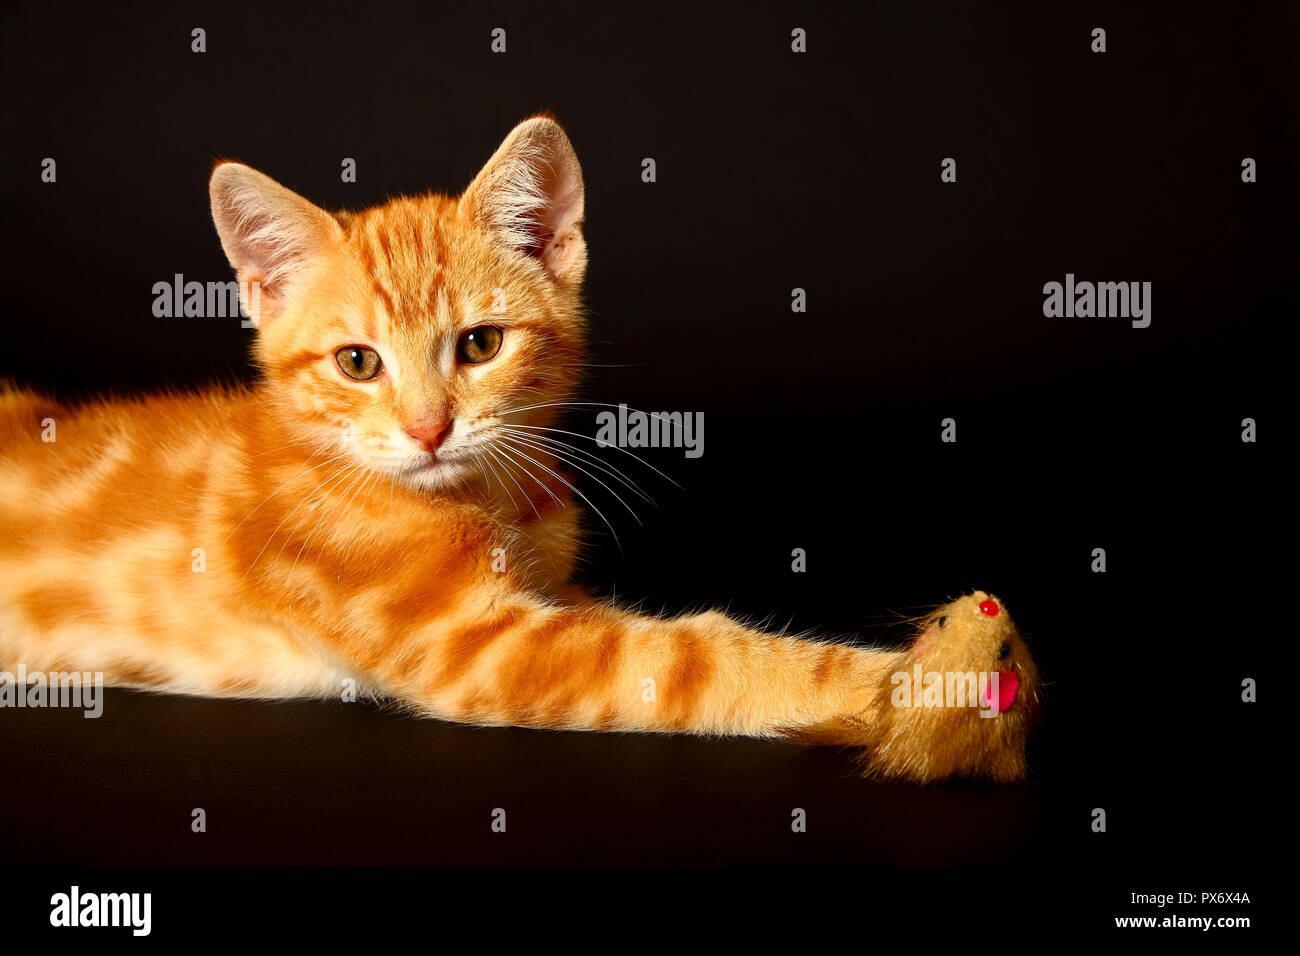 Le gingembre mackerel tabby12 semaine chaton isolé sur un fond noir à jouer avec un jouet de la souris Banque D'Images